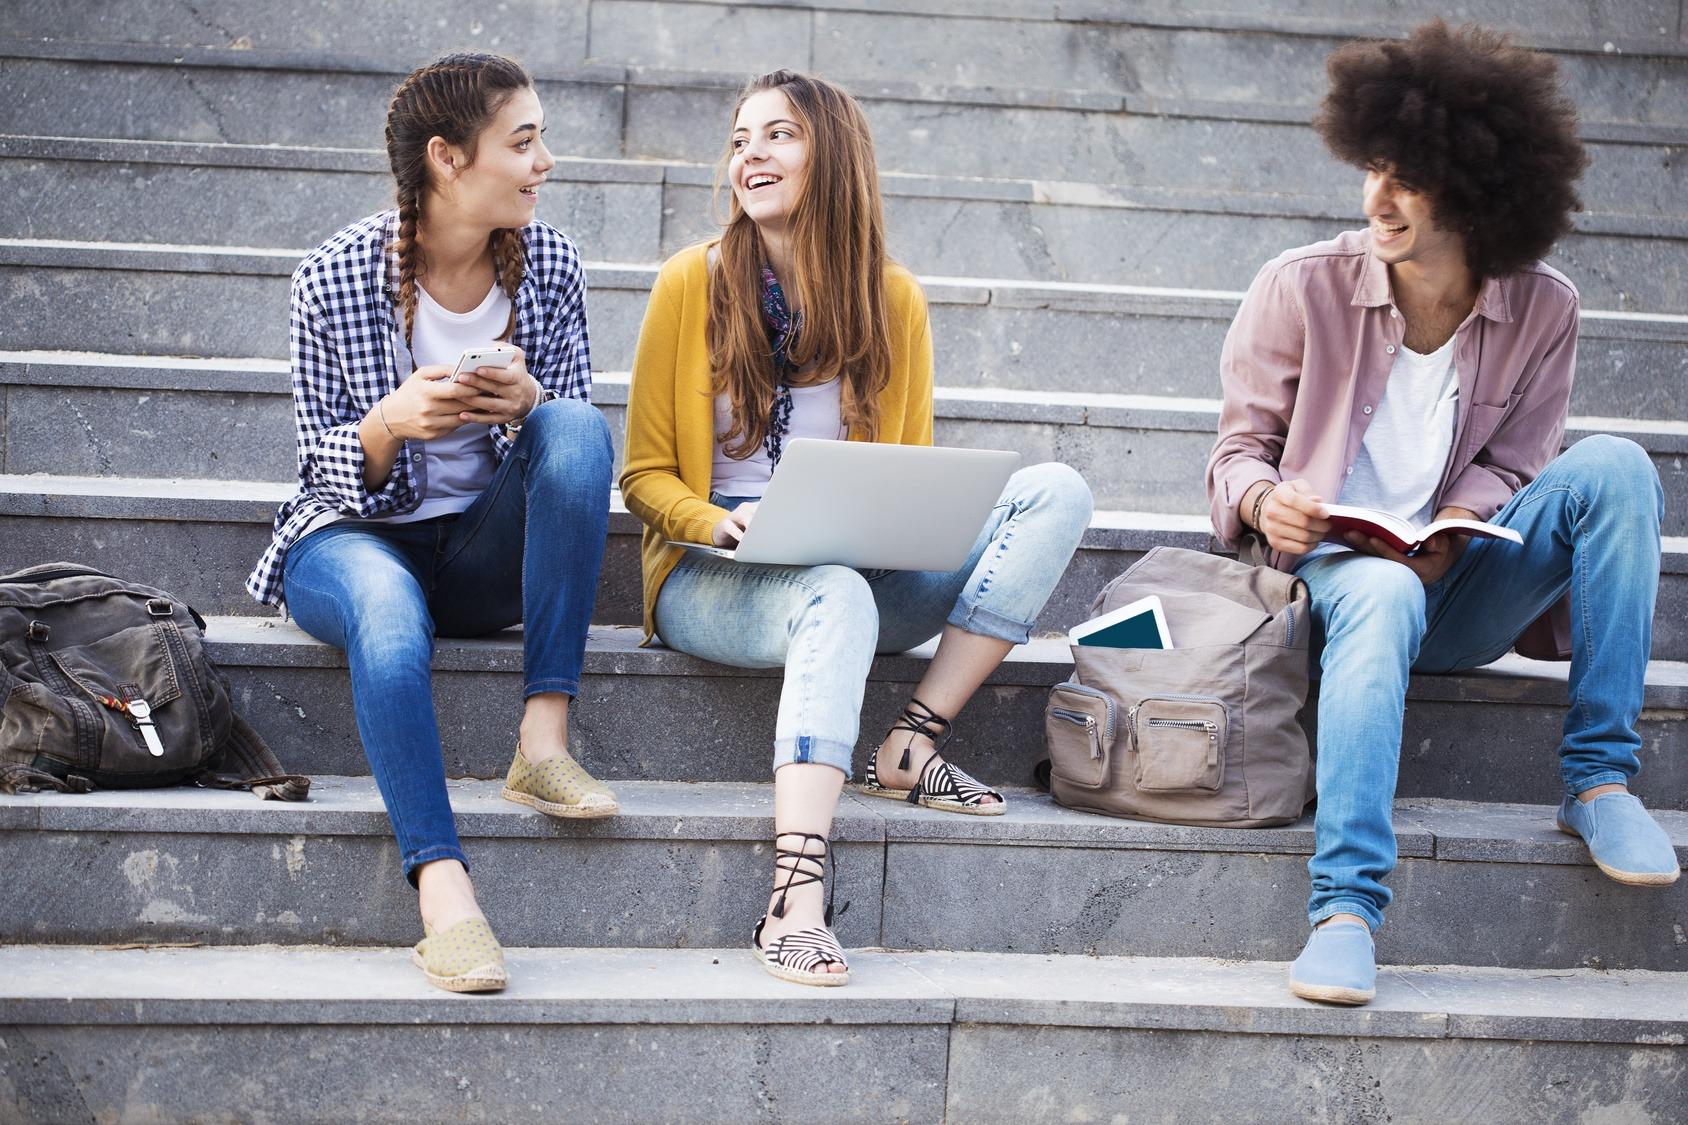 Drei junge Studierende sitzen auf einer Treppe und unterhalten sich. Neben und zwischen ihnen steht eine Umhängetasche und ein Rucksack.